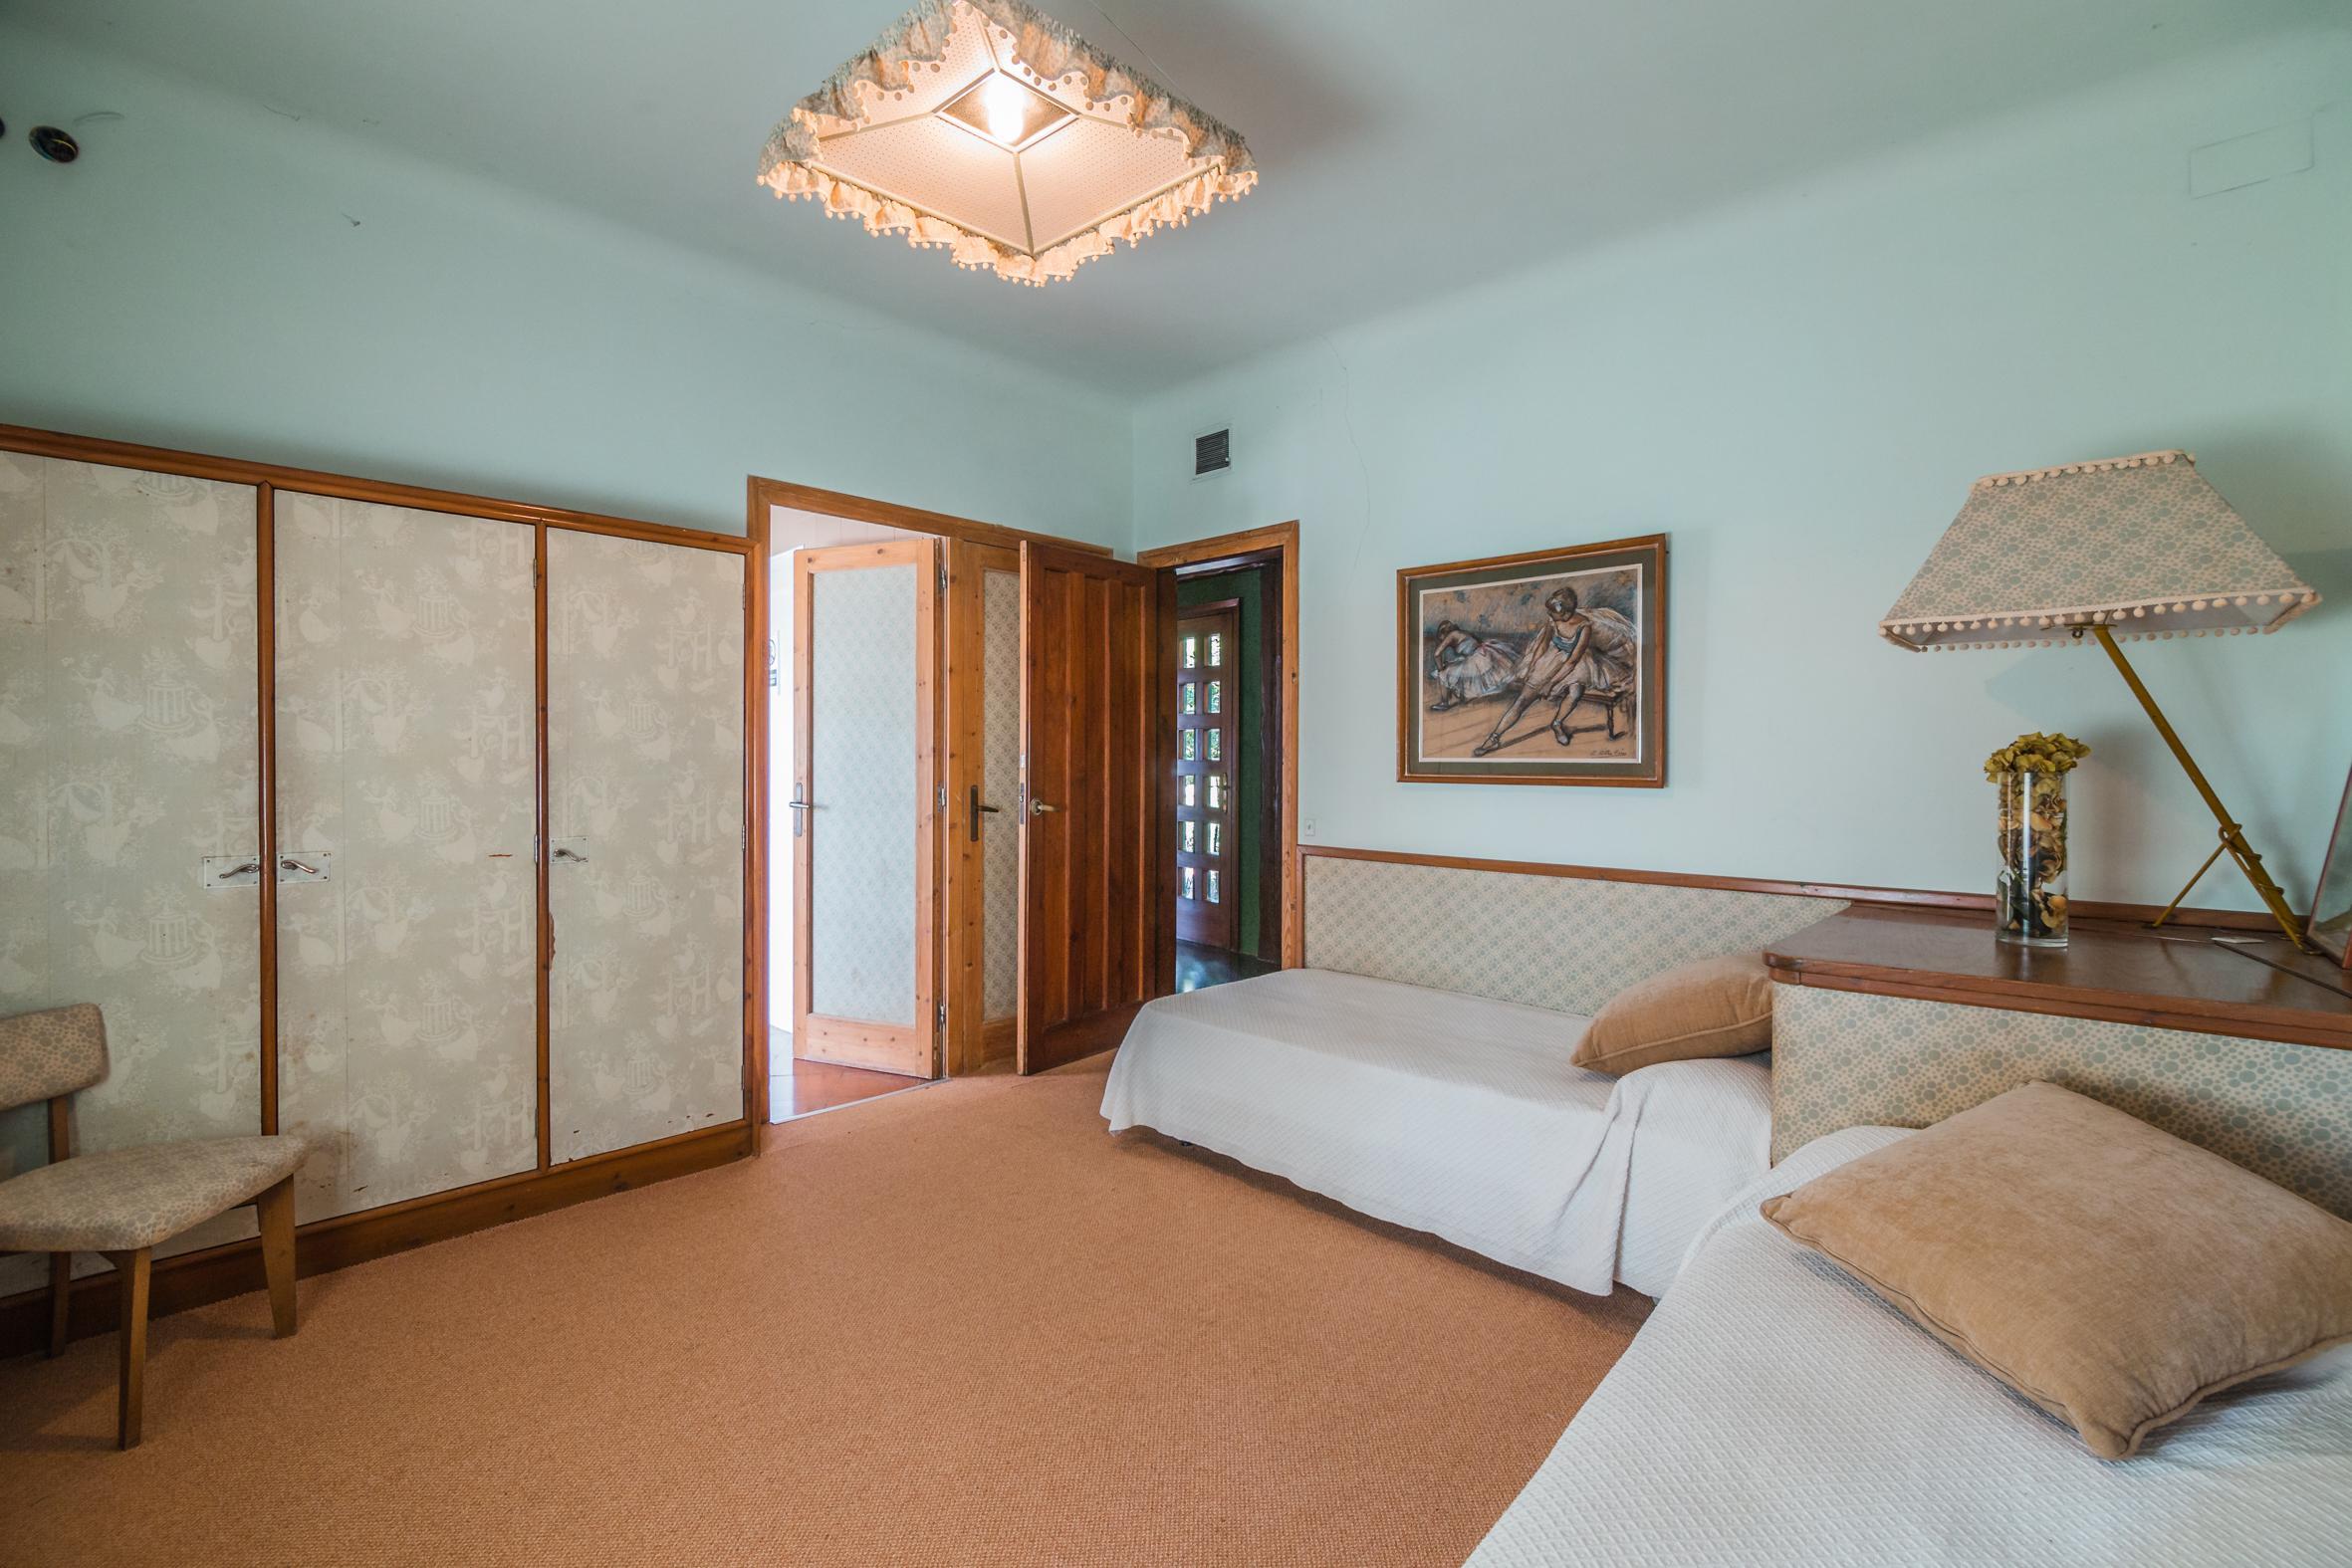 213533 Casa en venta en Sant Andreu de Llavaneres 18